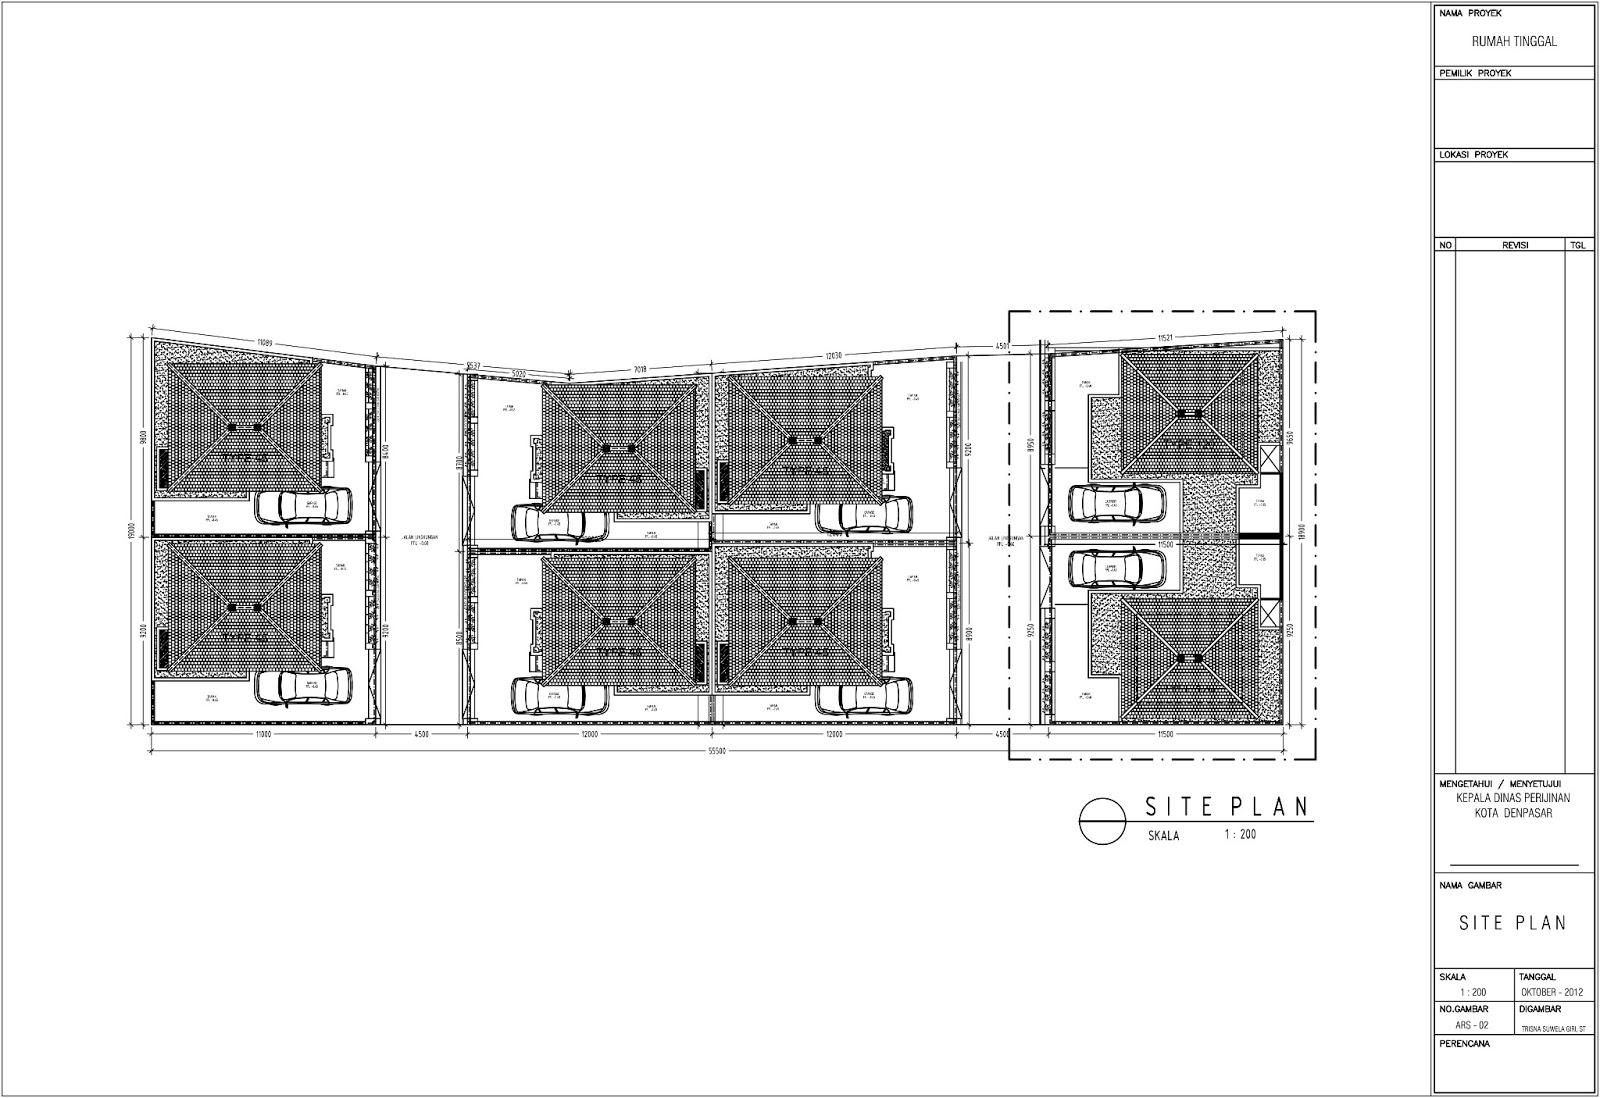 contoh site plan rumah tinggal